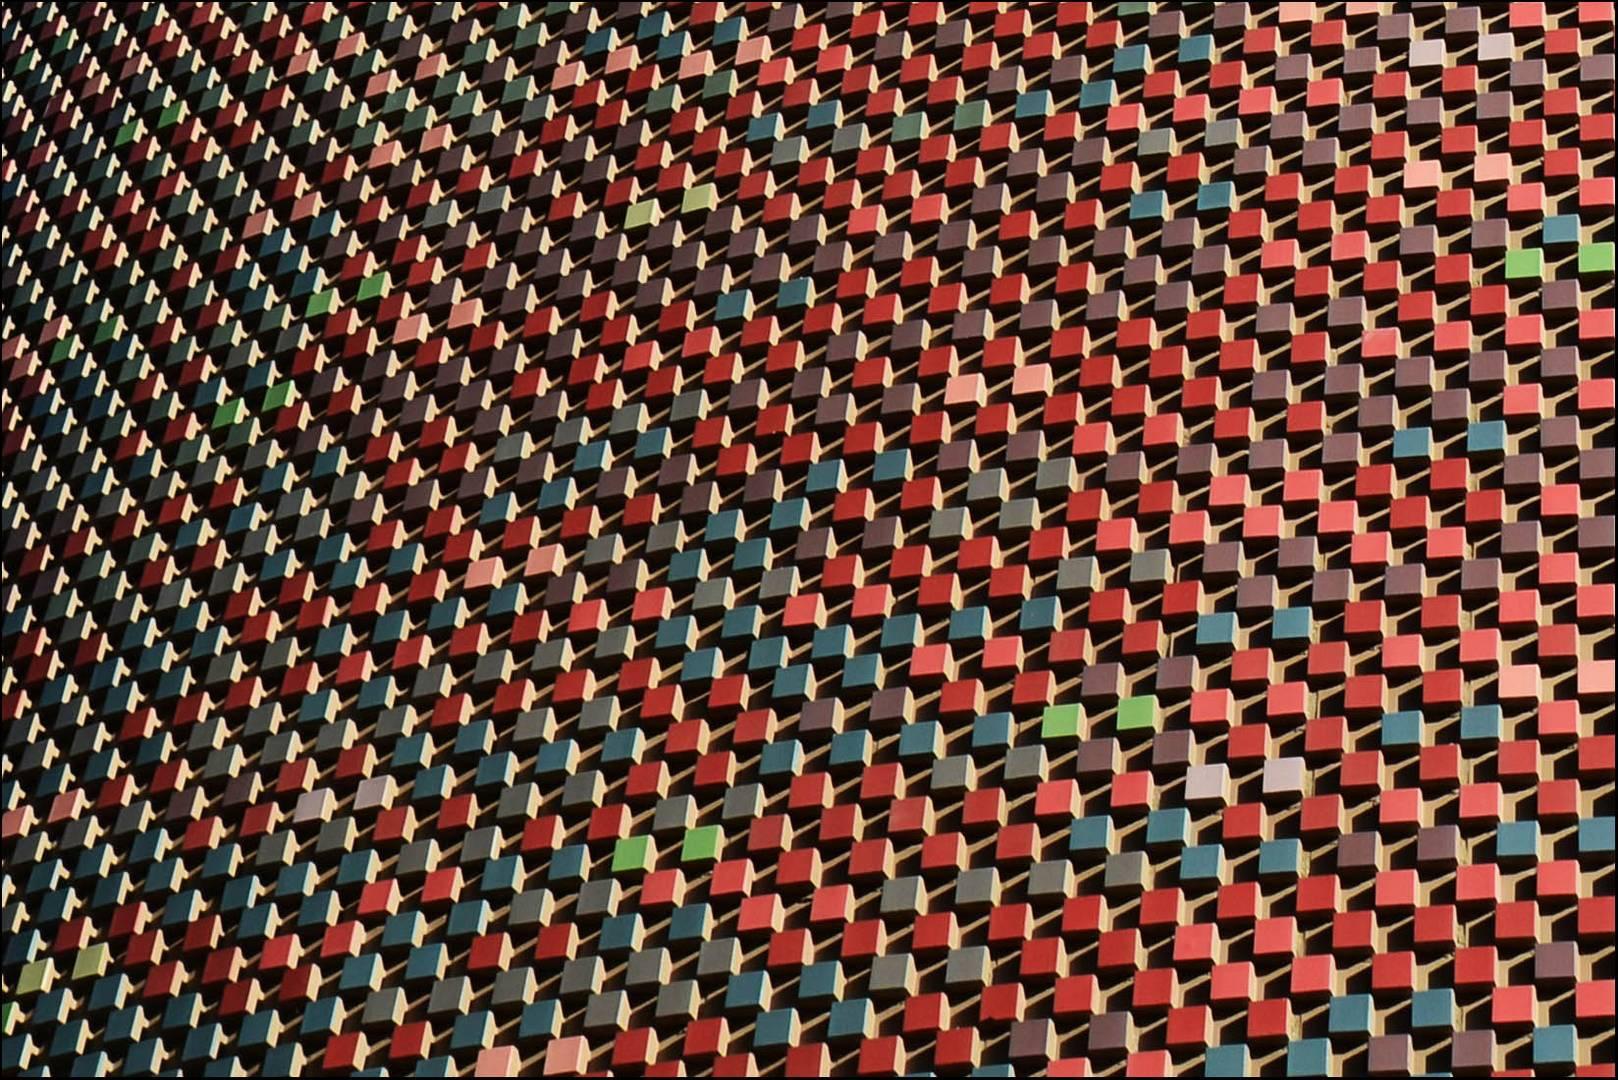 Haus K - Sauerbruch Hutton - Abstrakt und ziemlich rot